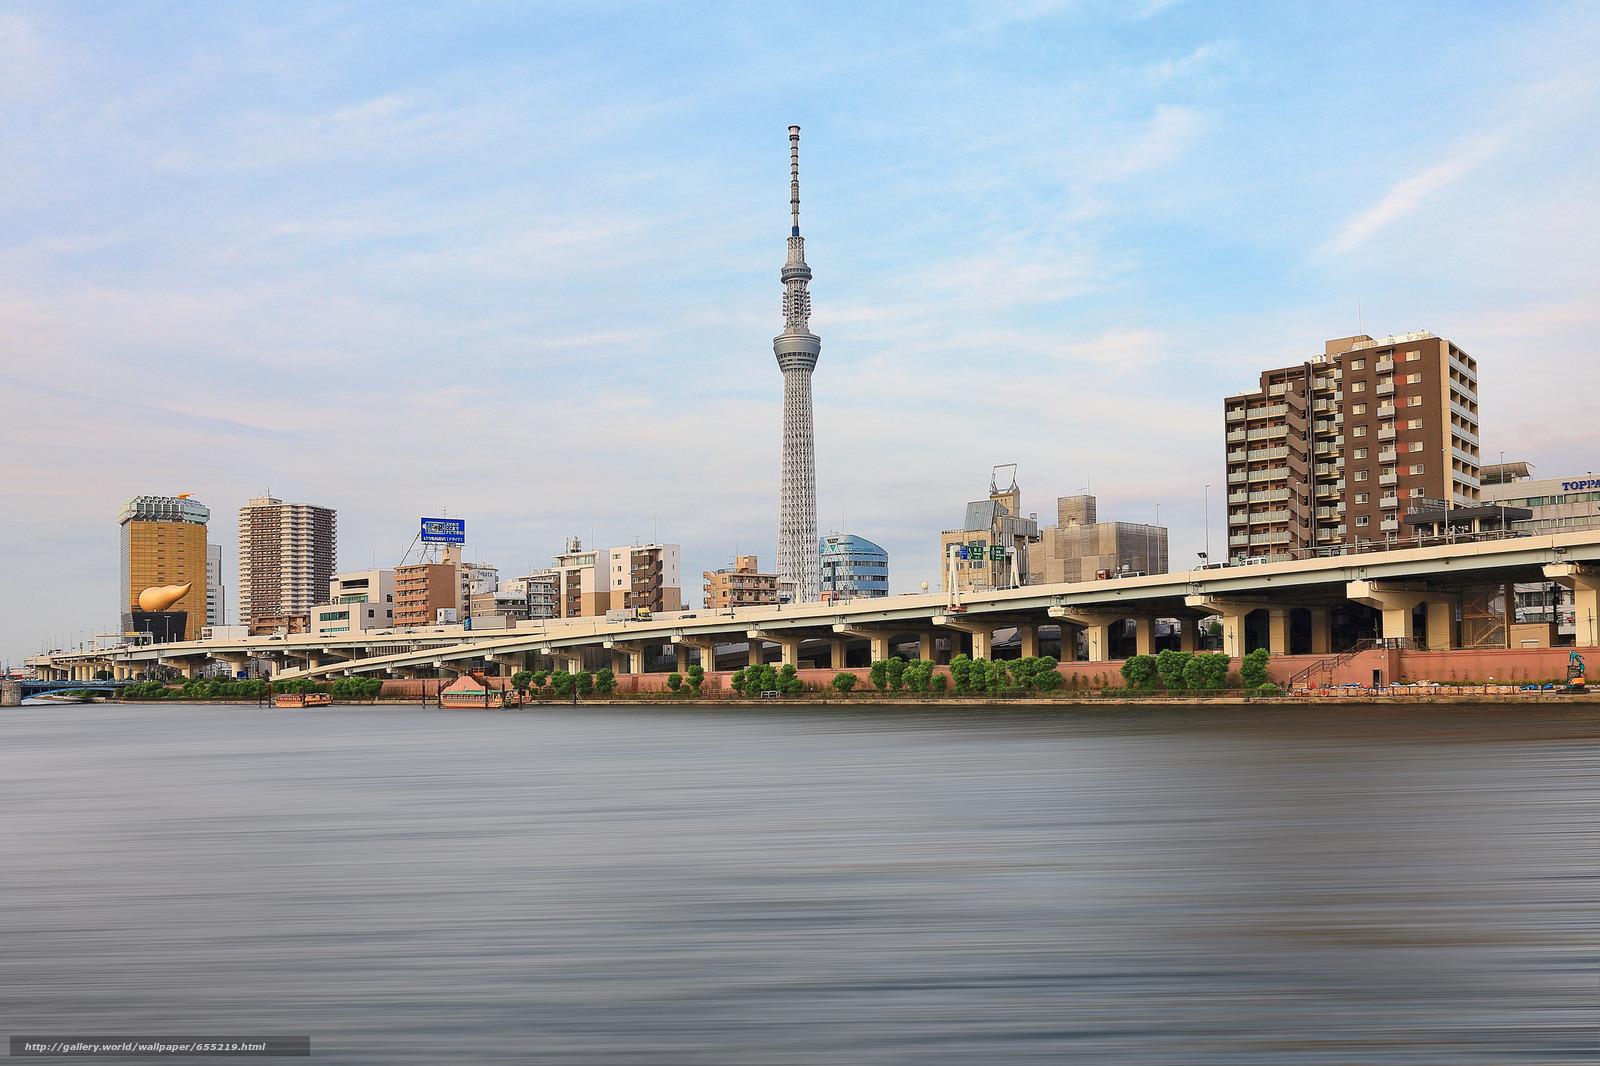 Скачать обои Tokyo,  токио,  япония бесплатно для рабочего стола в разрешении 2048x1365 — картинка №655219